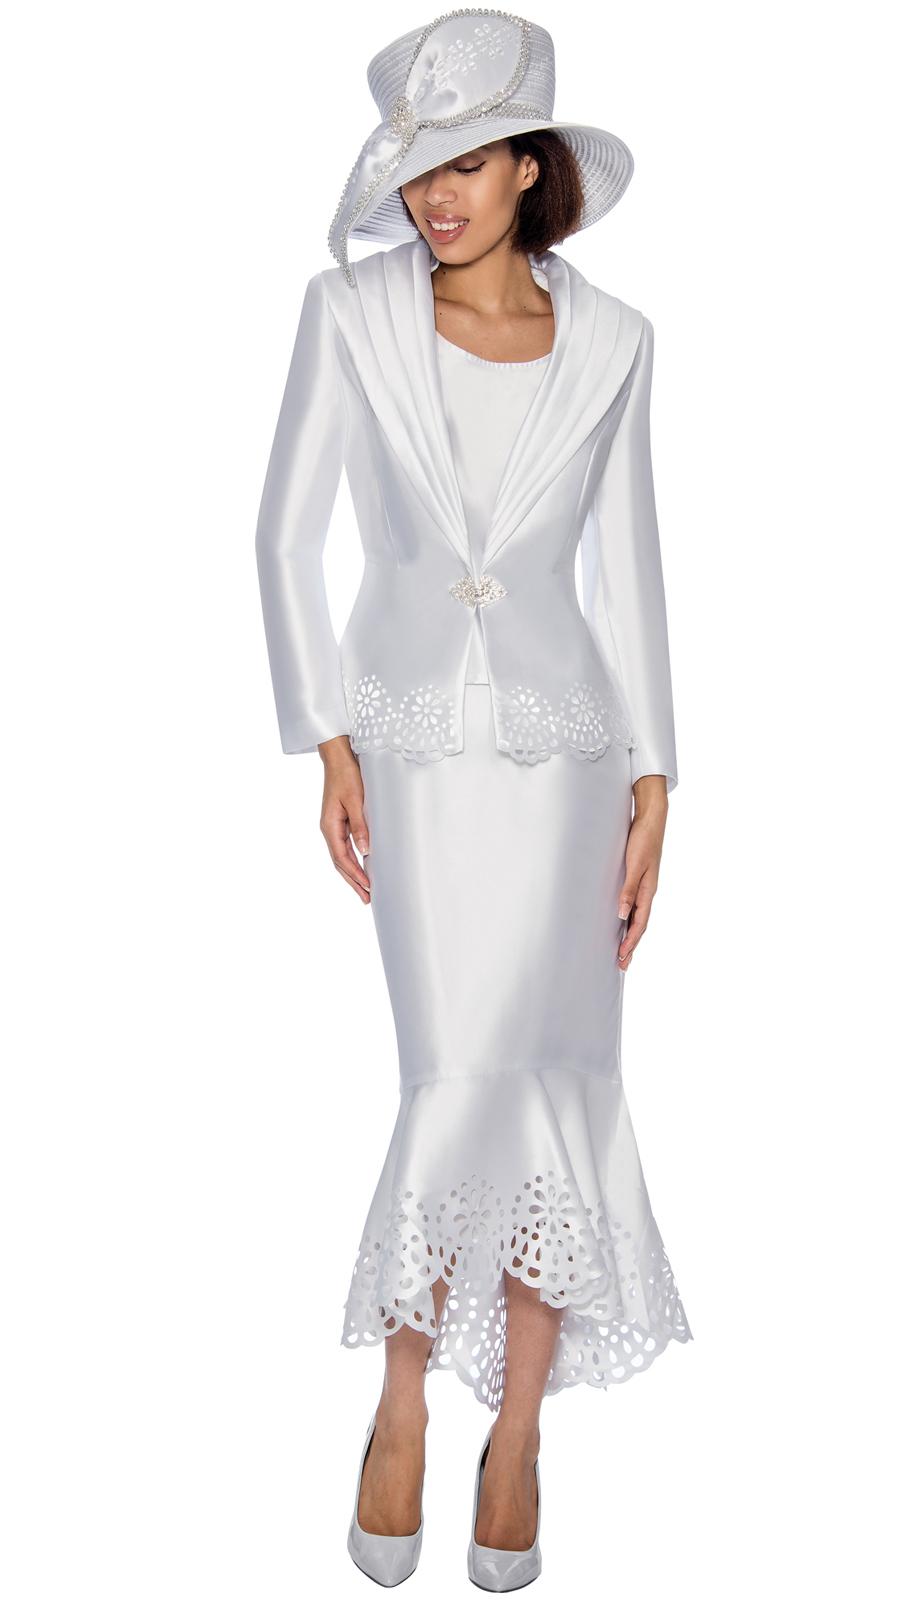 Gmi Suit 6643 3 Piece Women S Suit With Laser Cut And Scalloped Hem